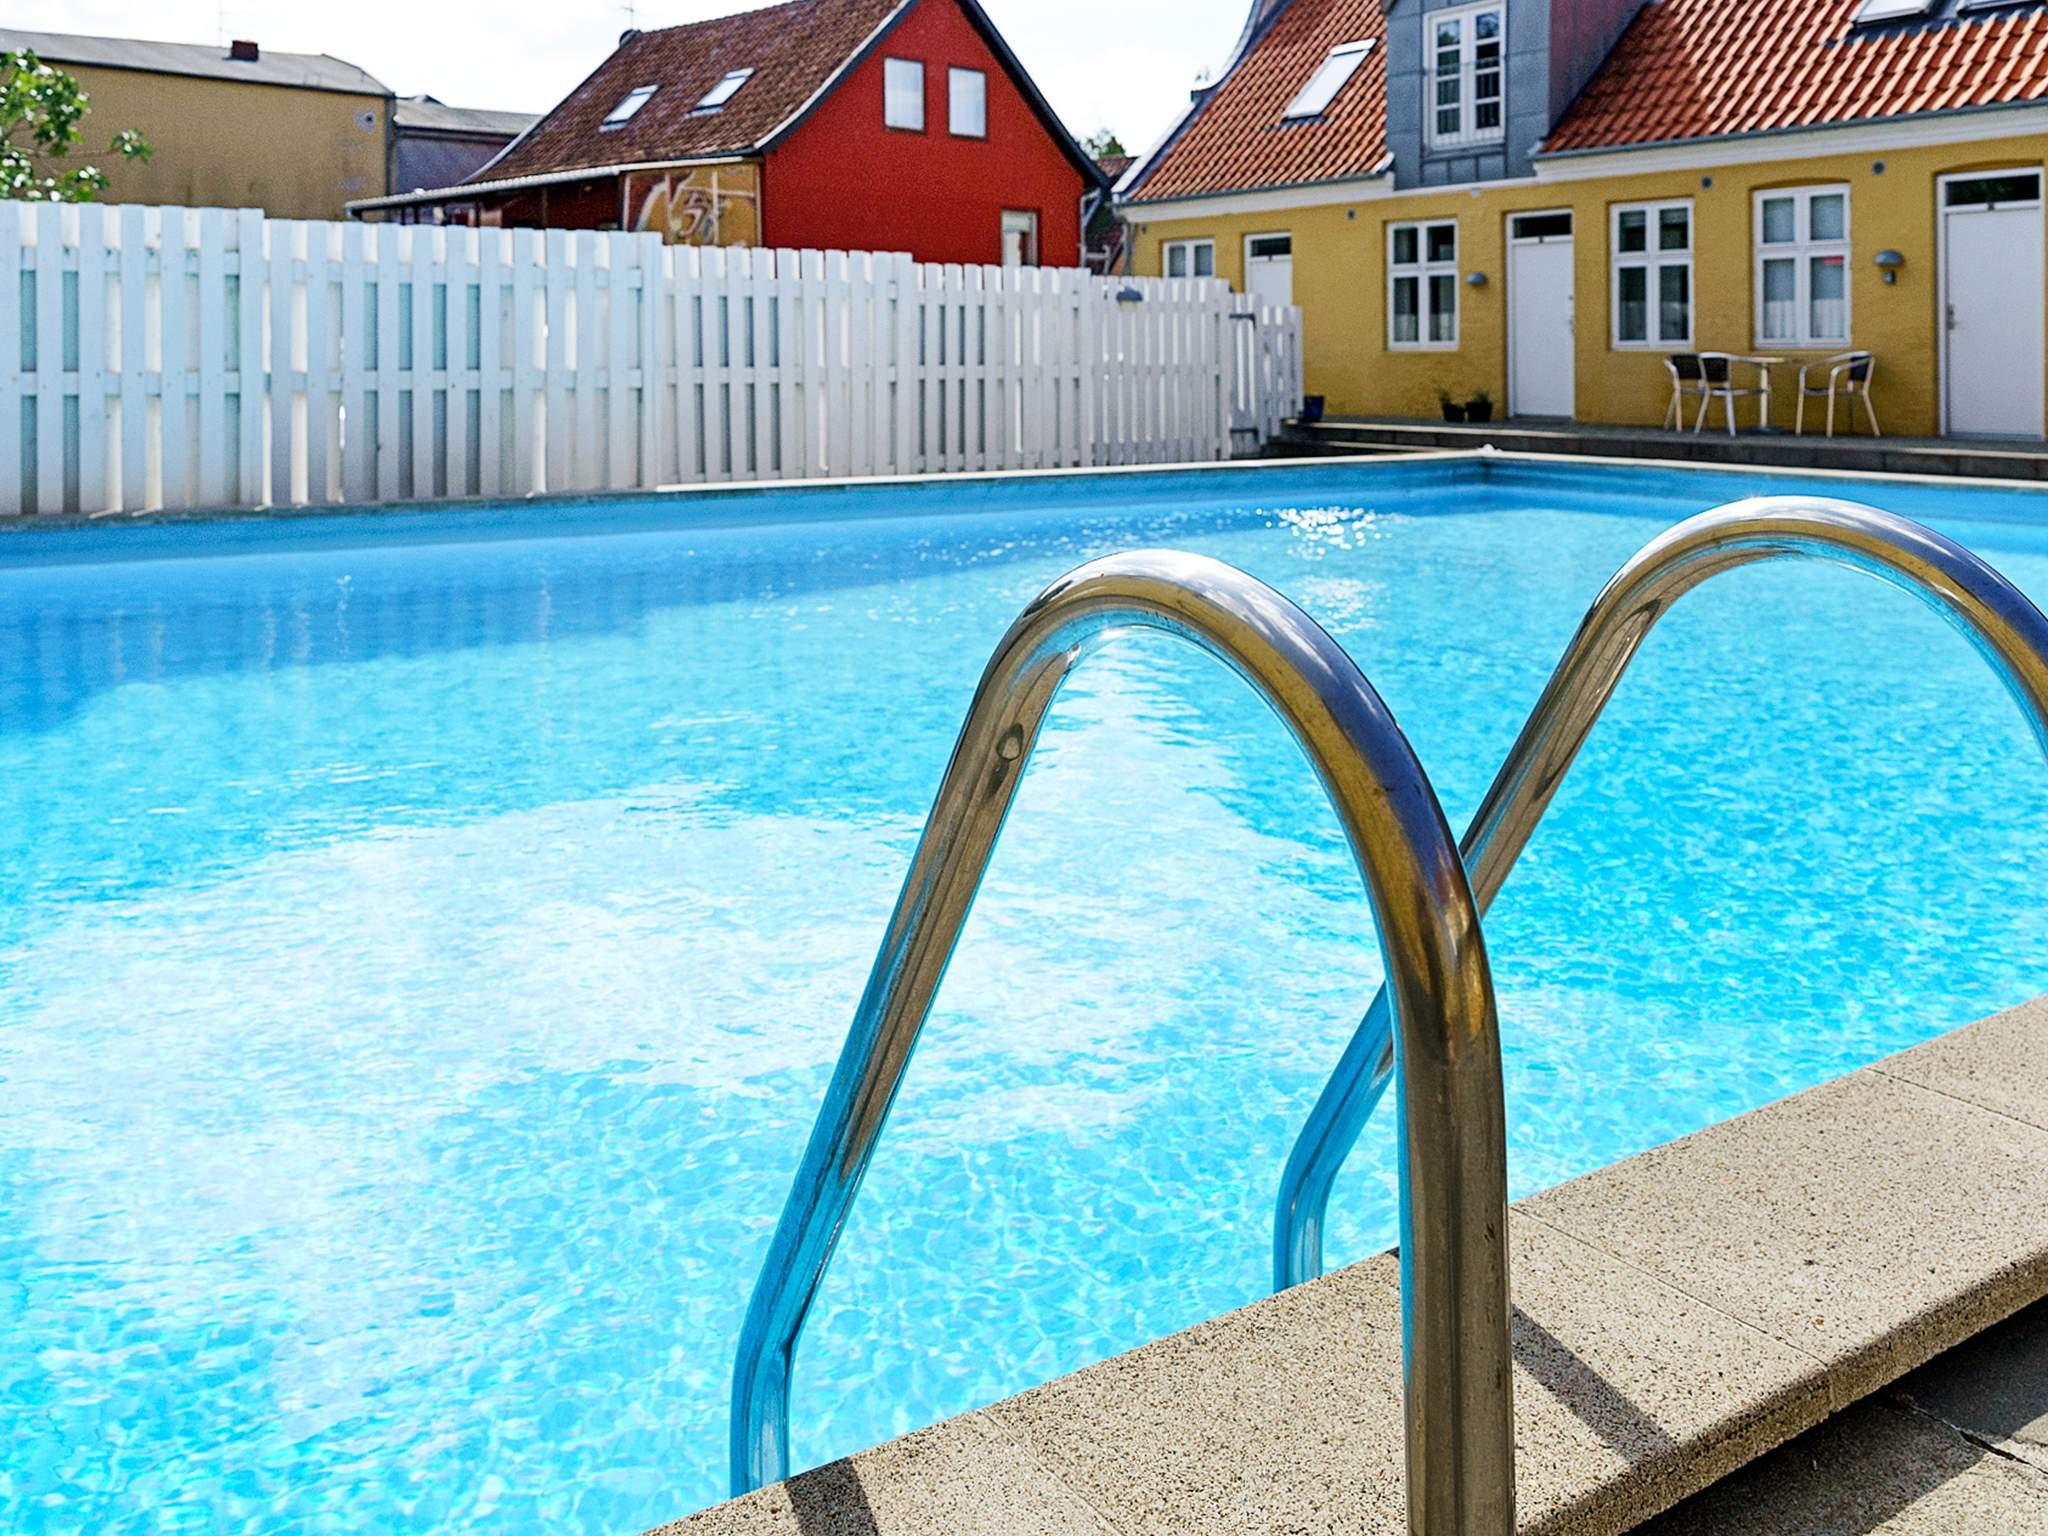 Ferienhaus Gudhjem (385014), Gudhjem, , Bornholm, Dänemark, Bild 12